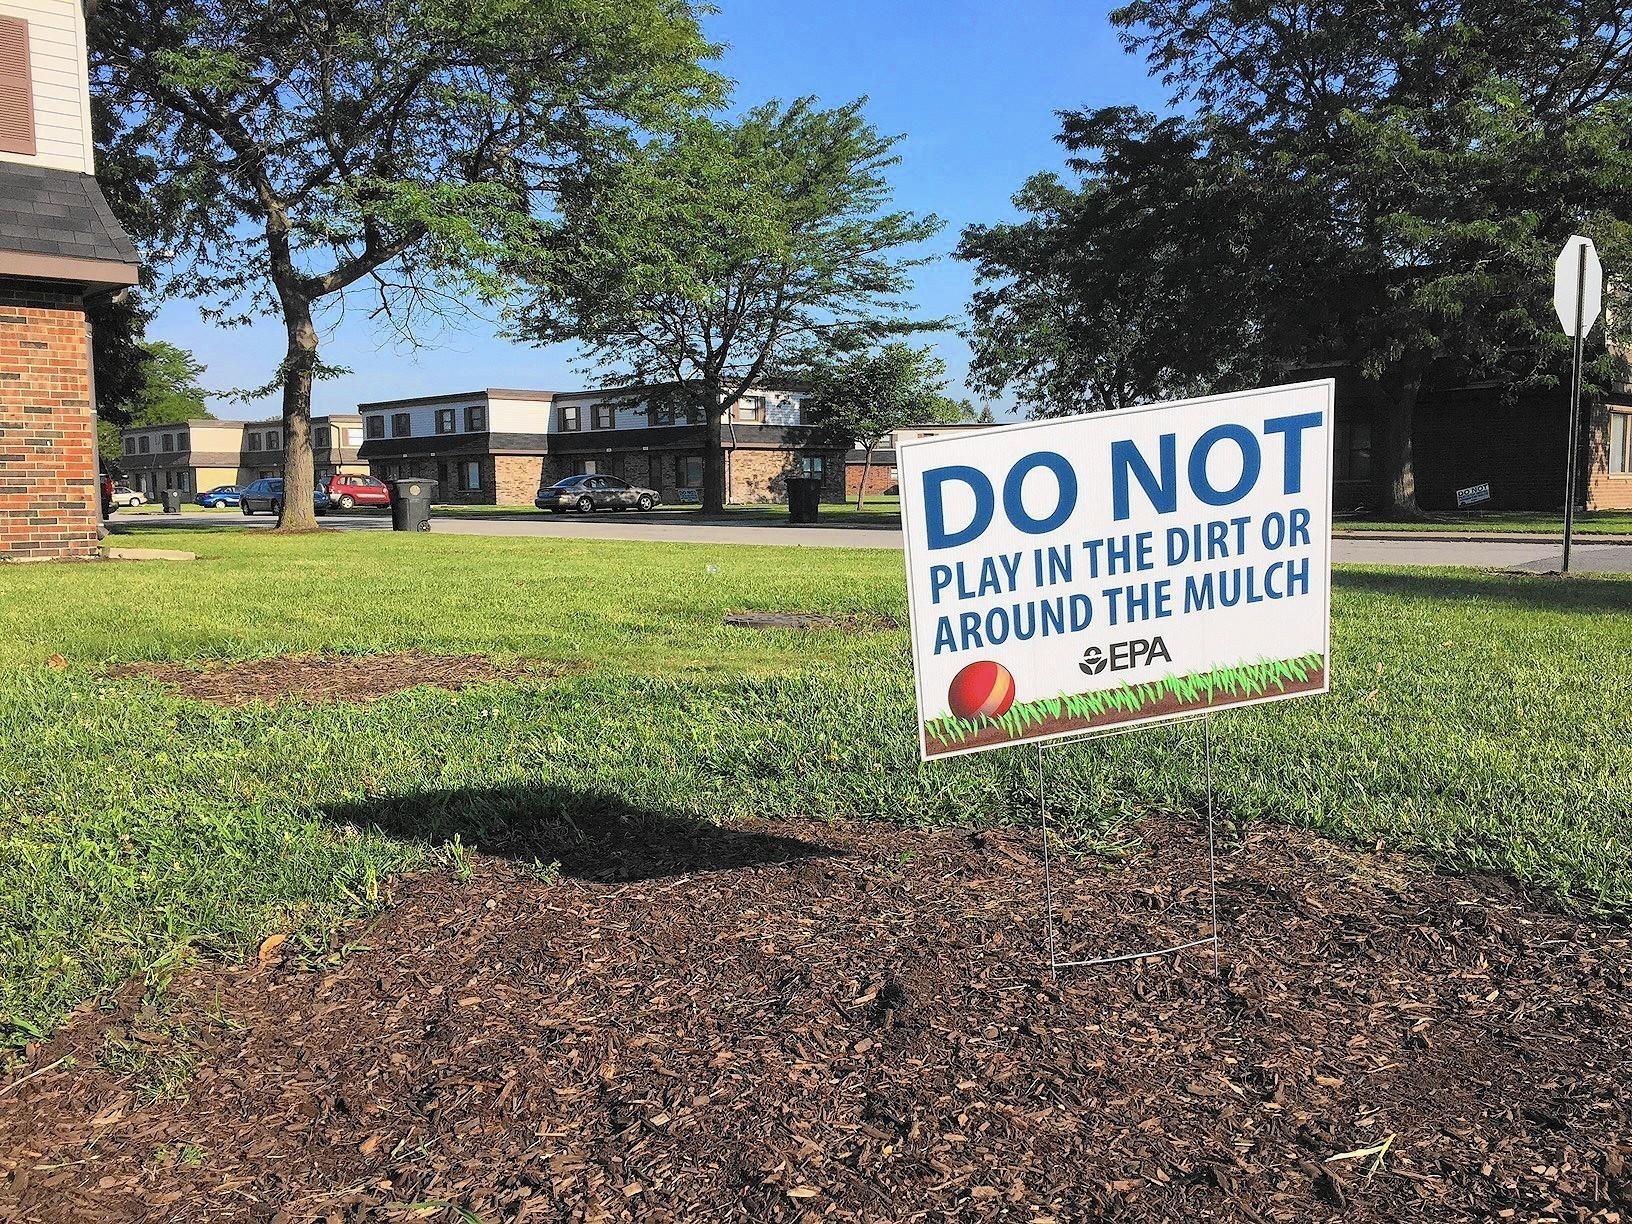 EPA biologist touts lead remediation plans in Flint, East Chicago ...